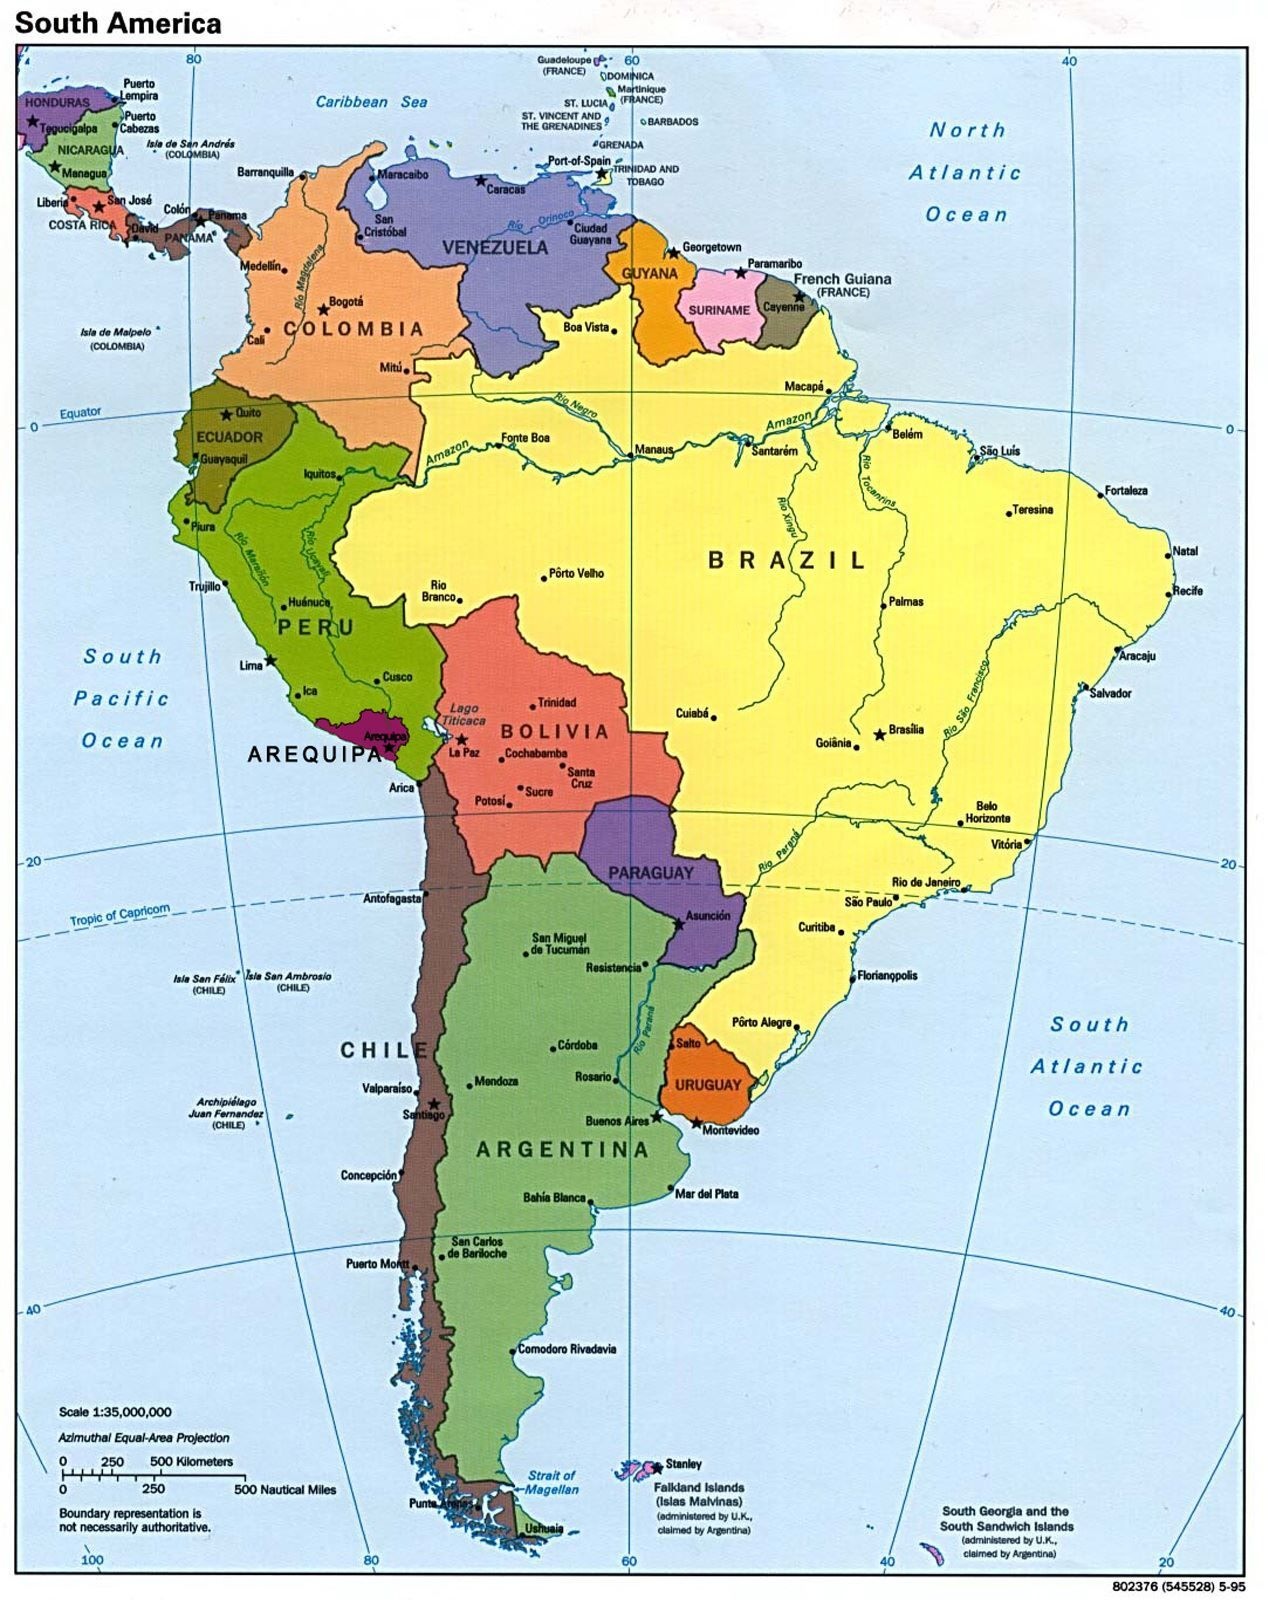 Mapa Geografico De Sudamerica.Nuevo Mapa Politico De America Del Sur Mapa De America Del Sur Mapa De America Mapa De America Latina